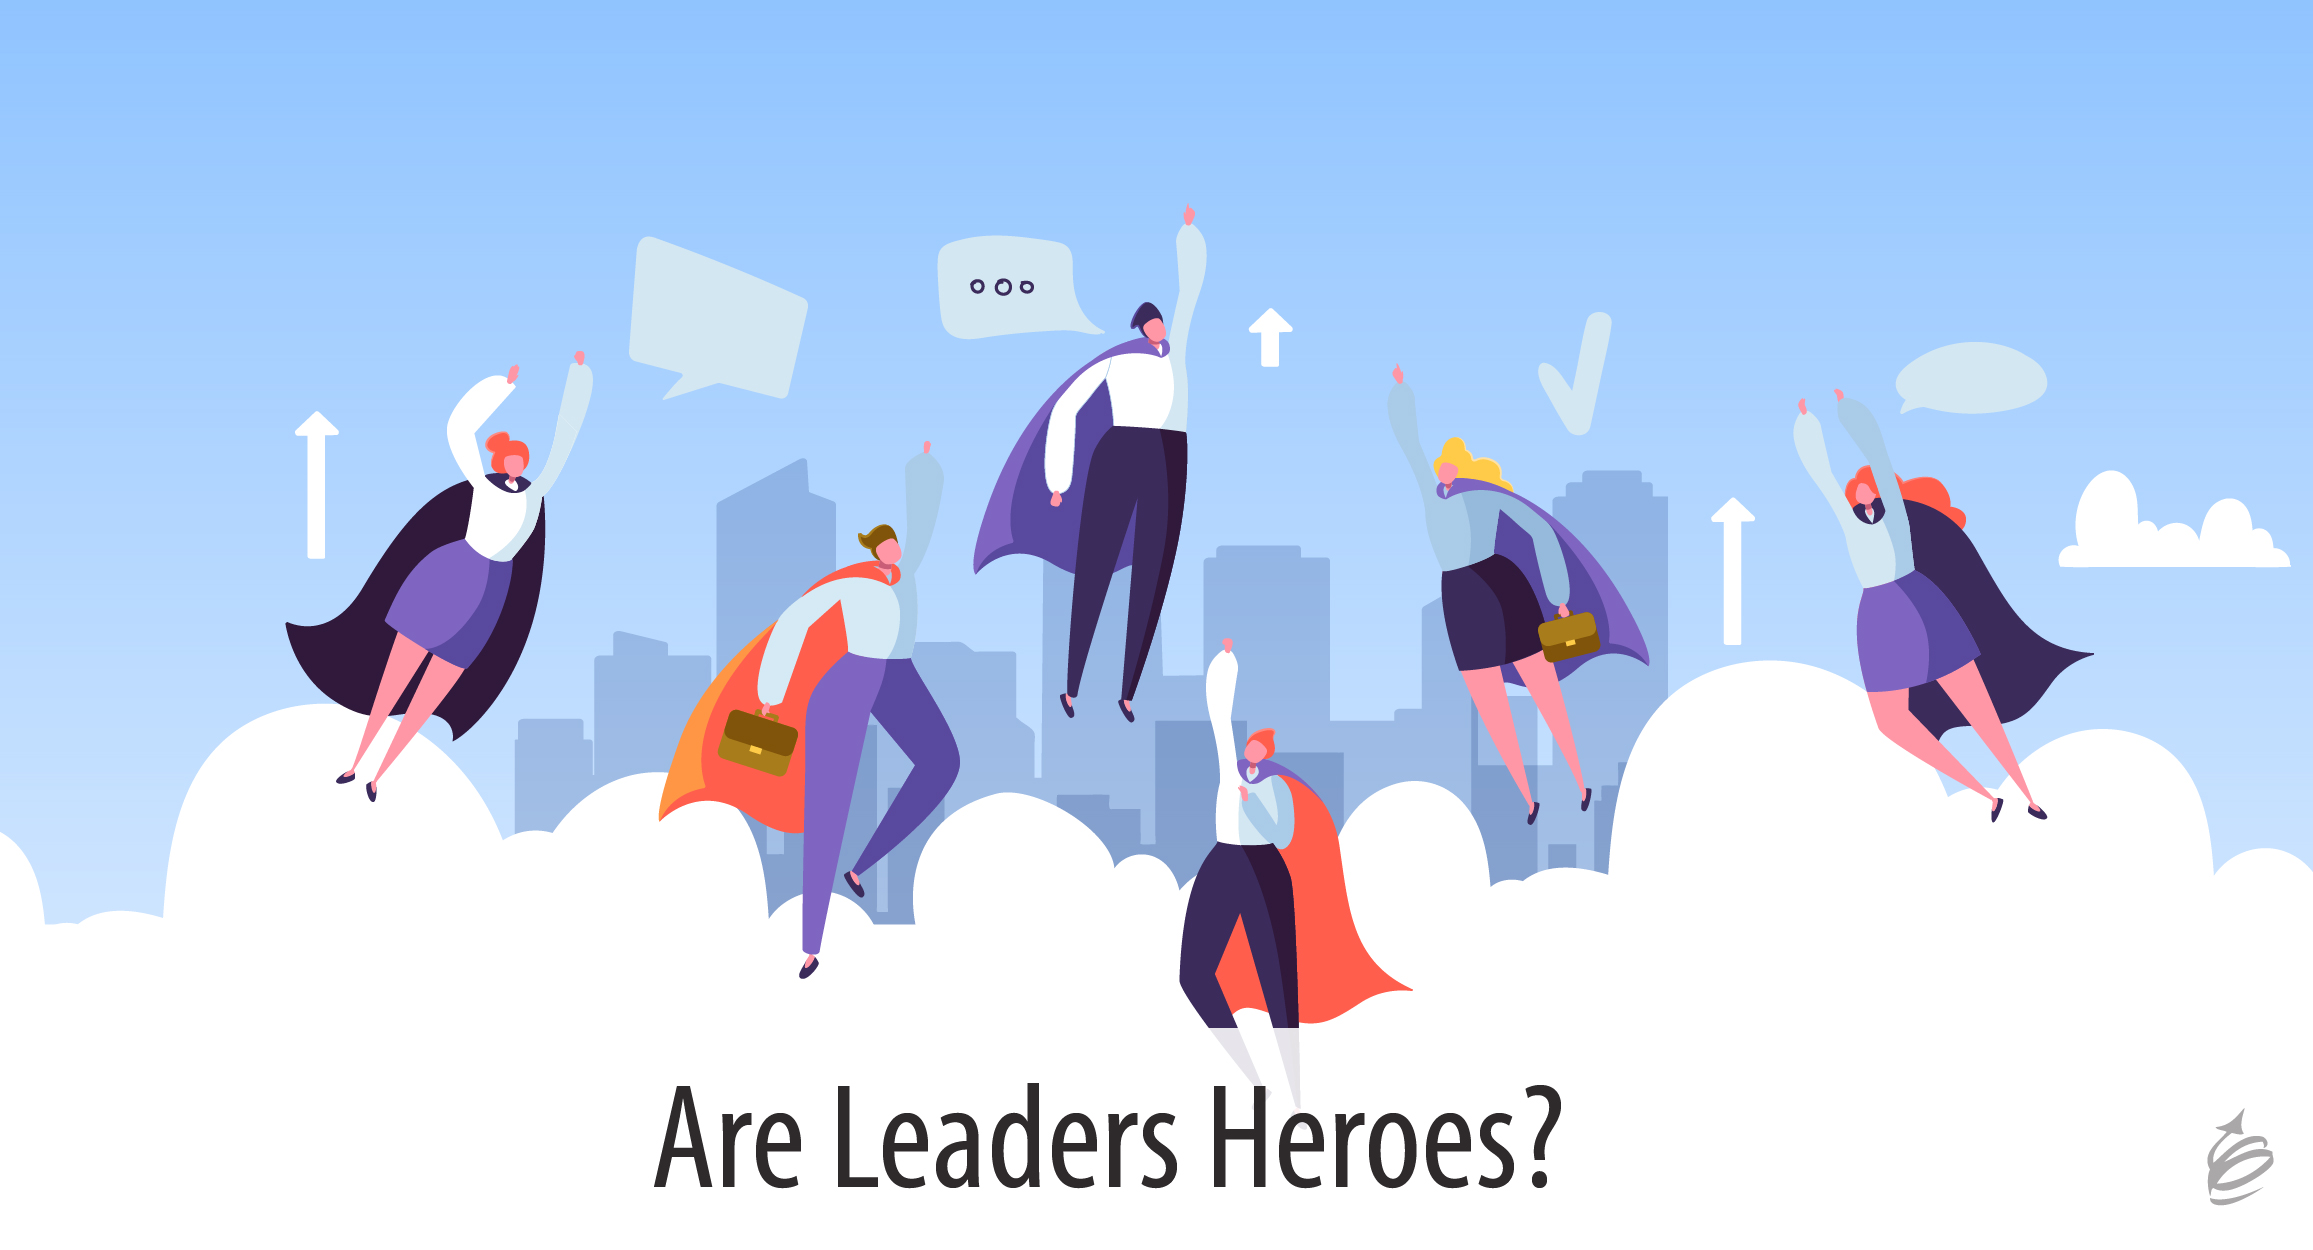 Leadership heroes